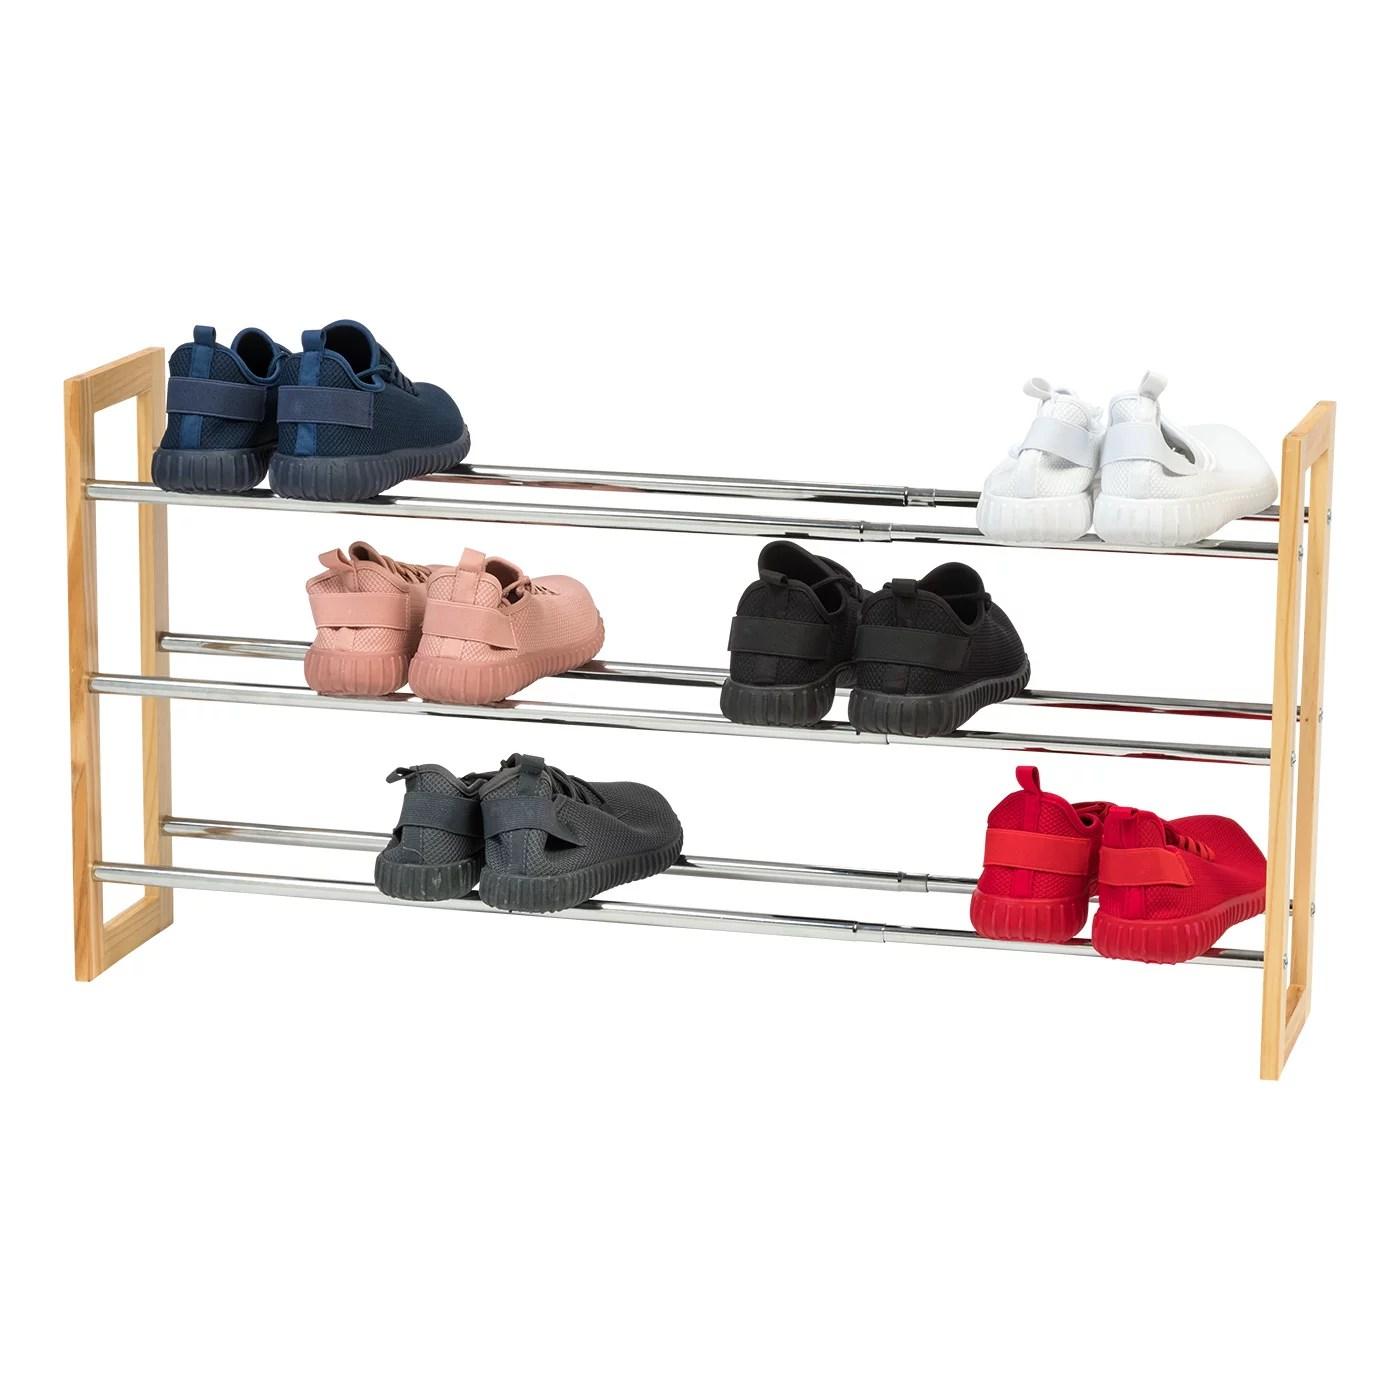 iris usa 3 tier extendable wood and metal shoe rack